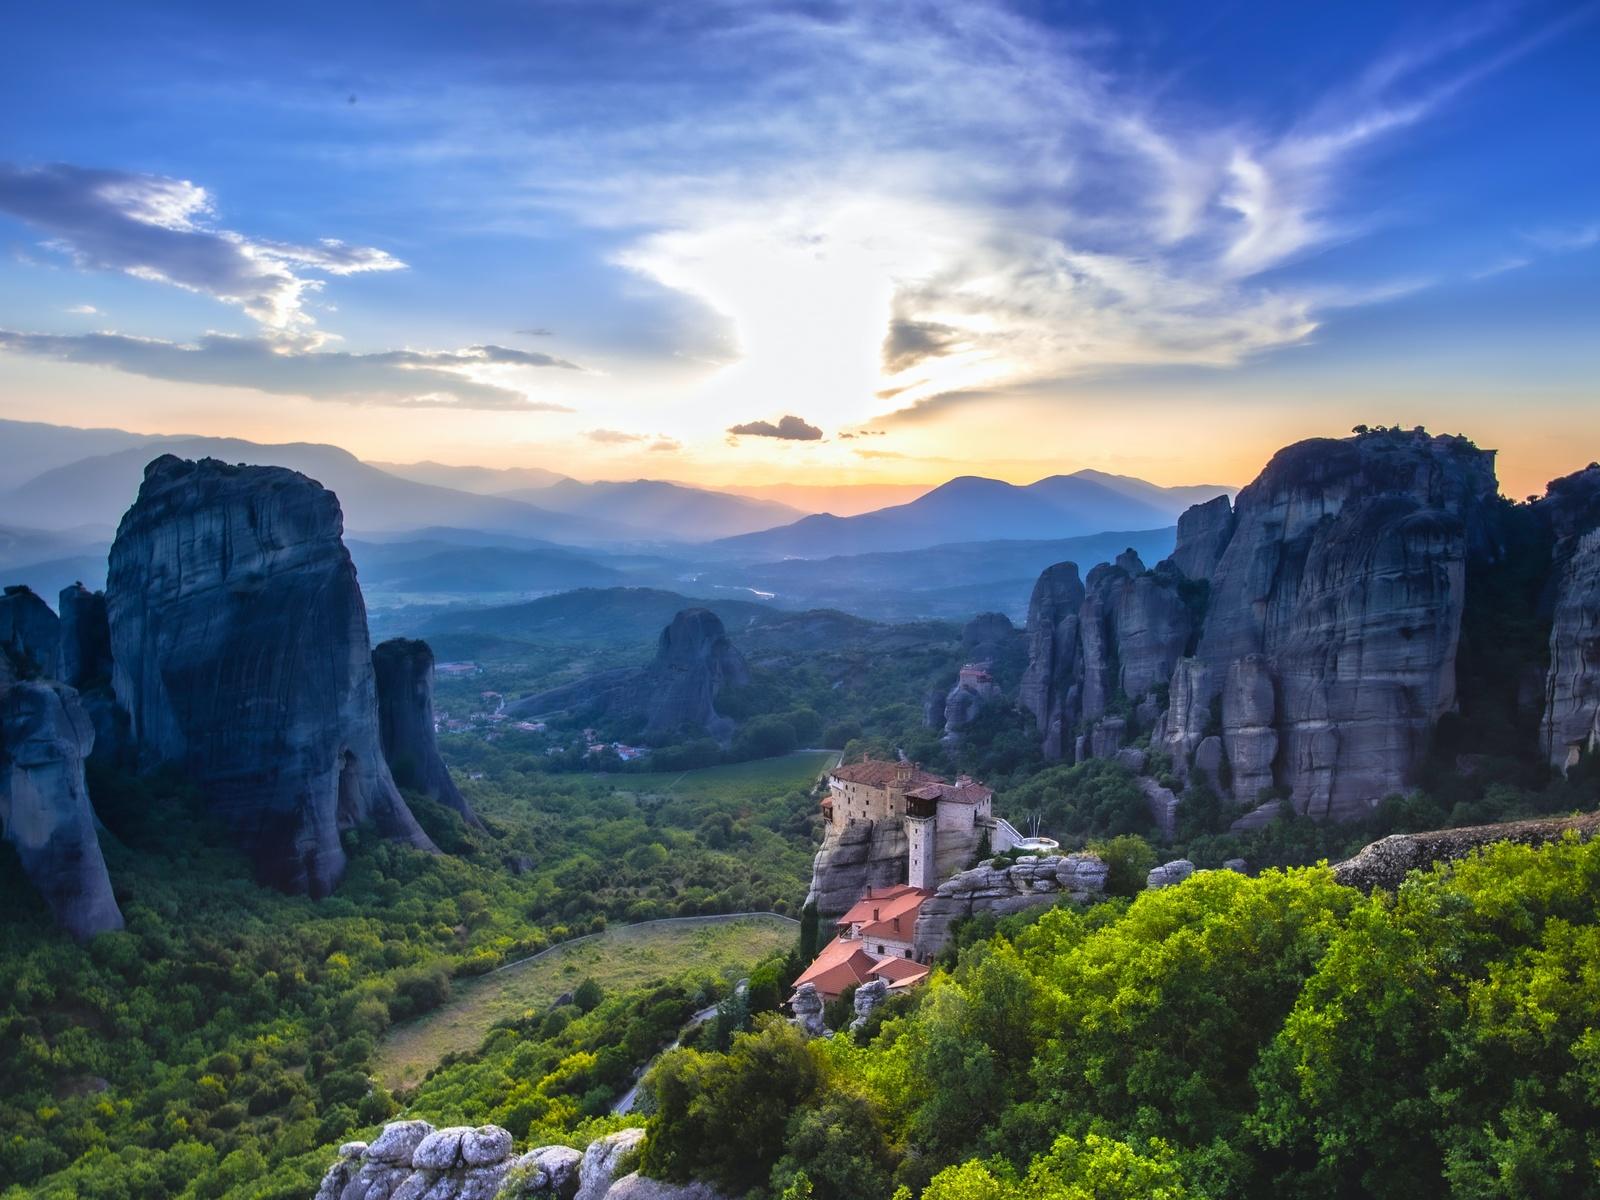 замок, скалы, долина, деревья